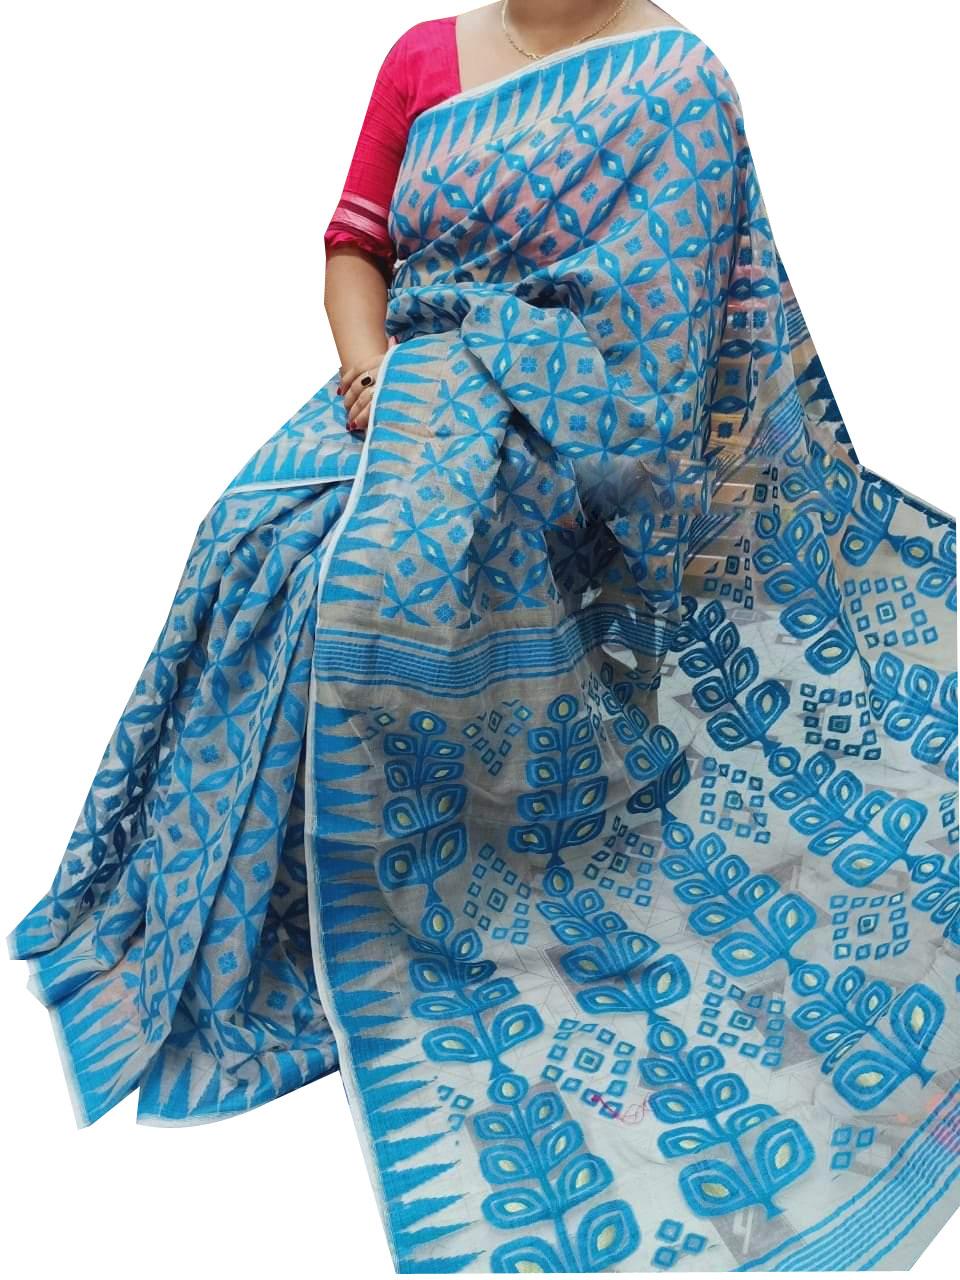 Sky blue dhakai jamdani high quality saree